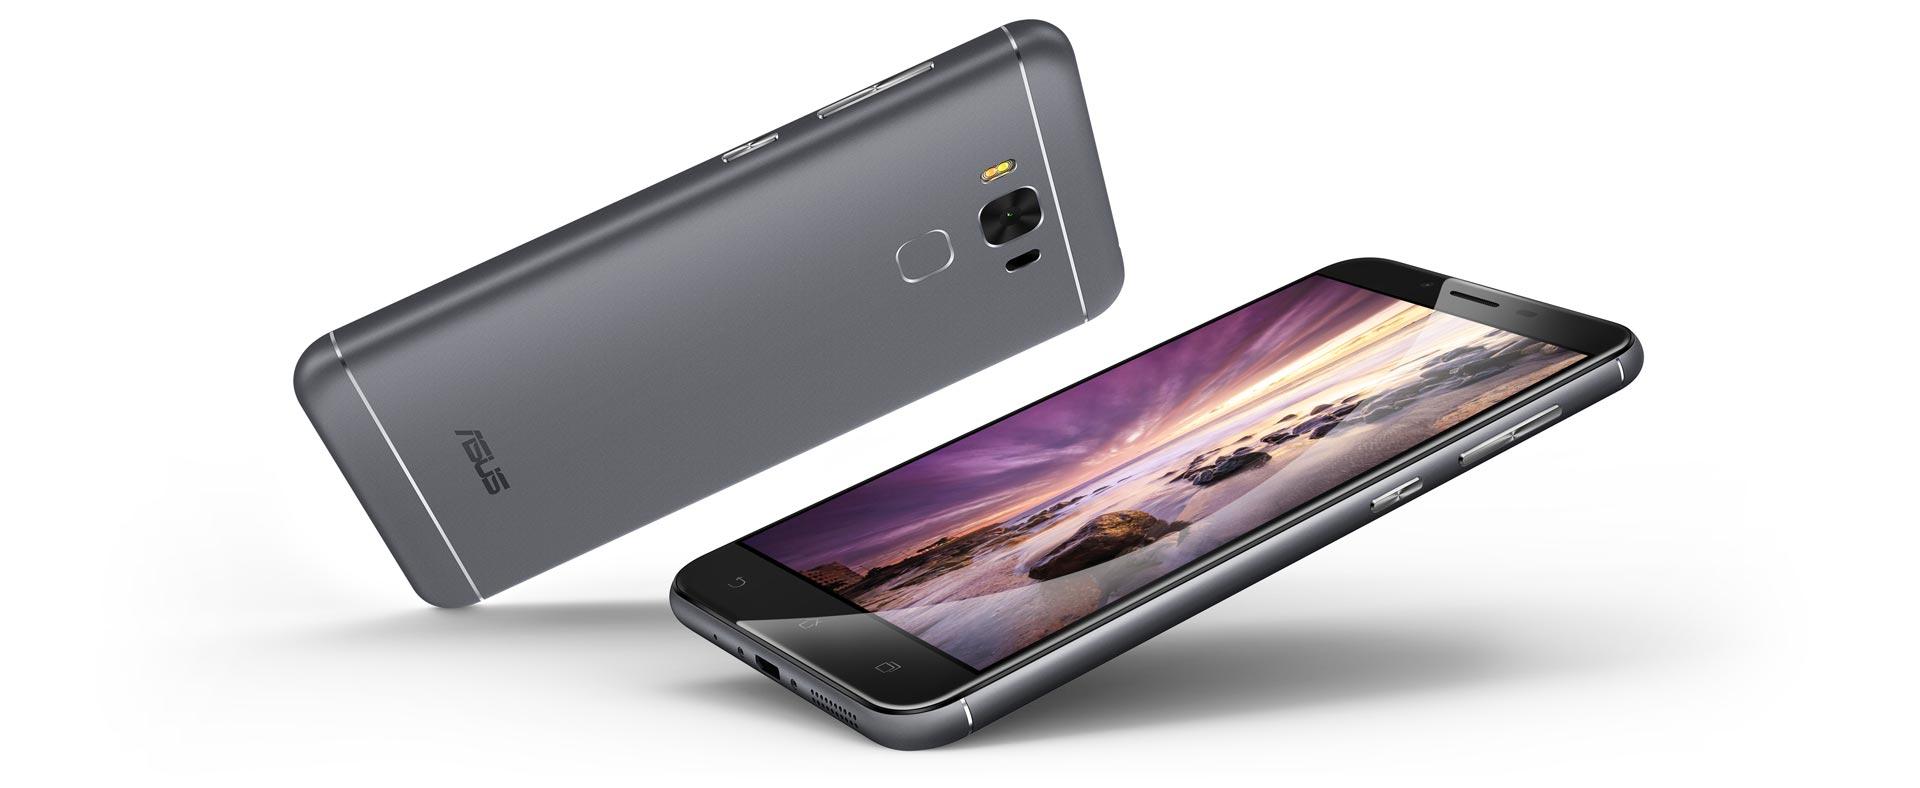 Sforum - Trang thông tin công nghệ mới nhất 005_design Mở bán Asus Zenfone 3 Max bản 5.5'' - Độc quyền quà tặng 1.4 triệu tại CellphoneS